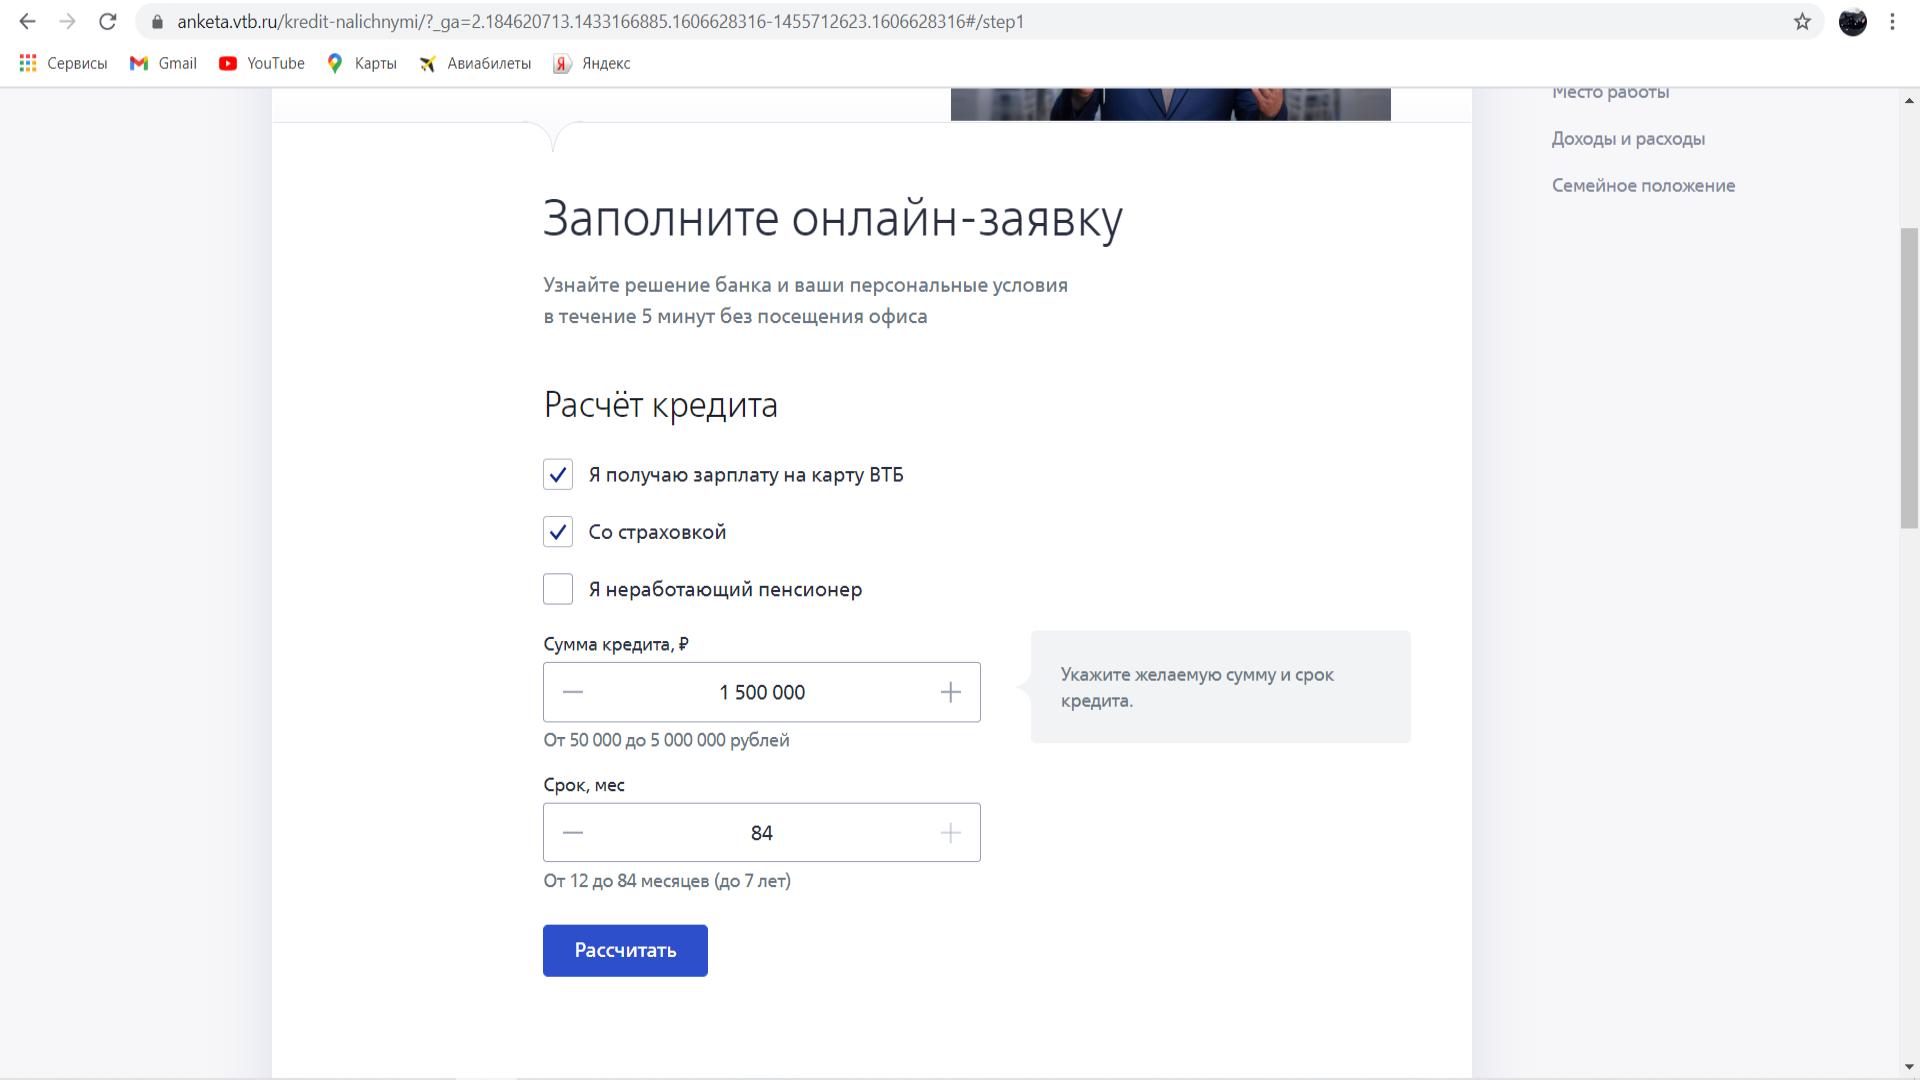 банк москвы кредит